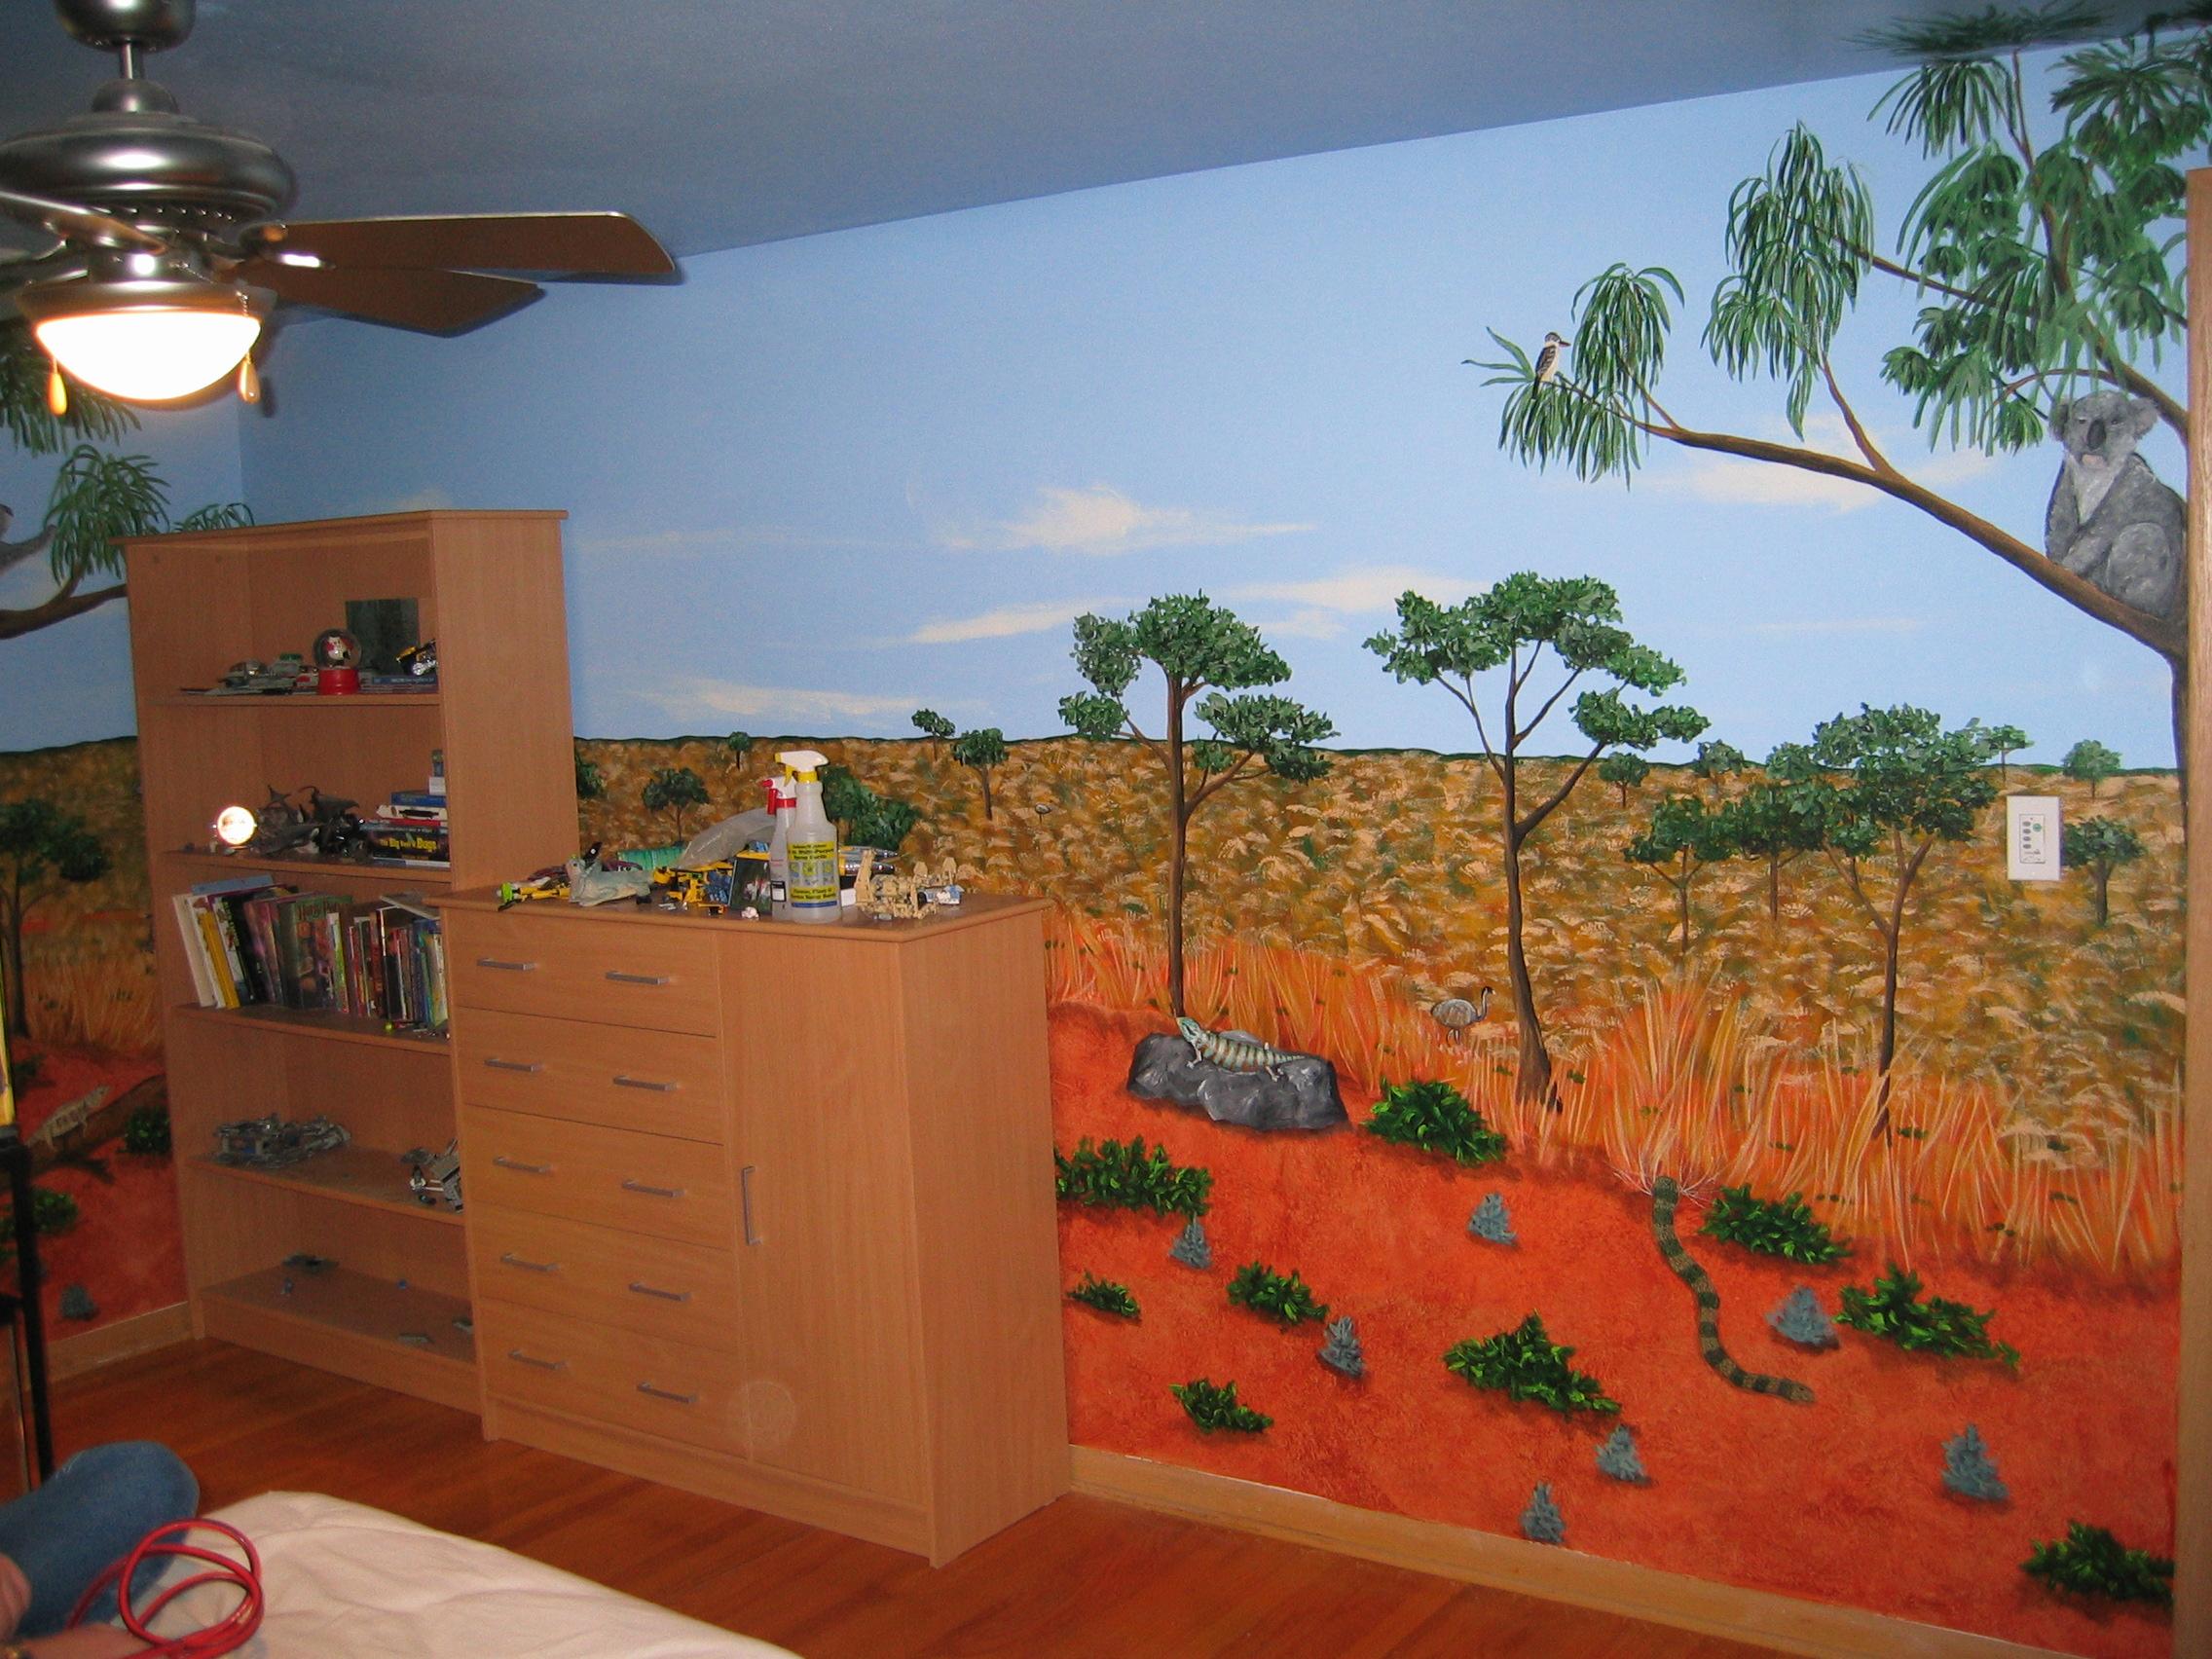 Australian outback todd fendos art for Australian mural